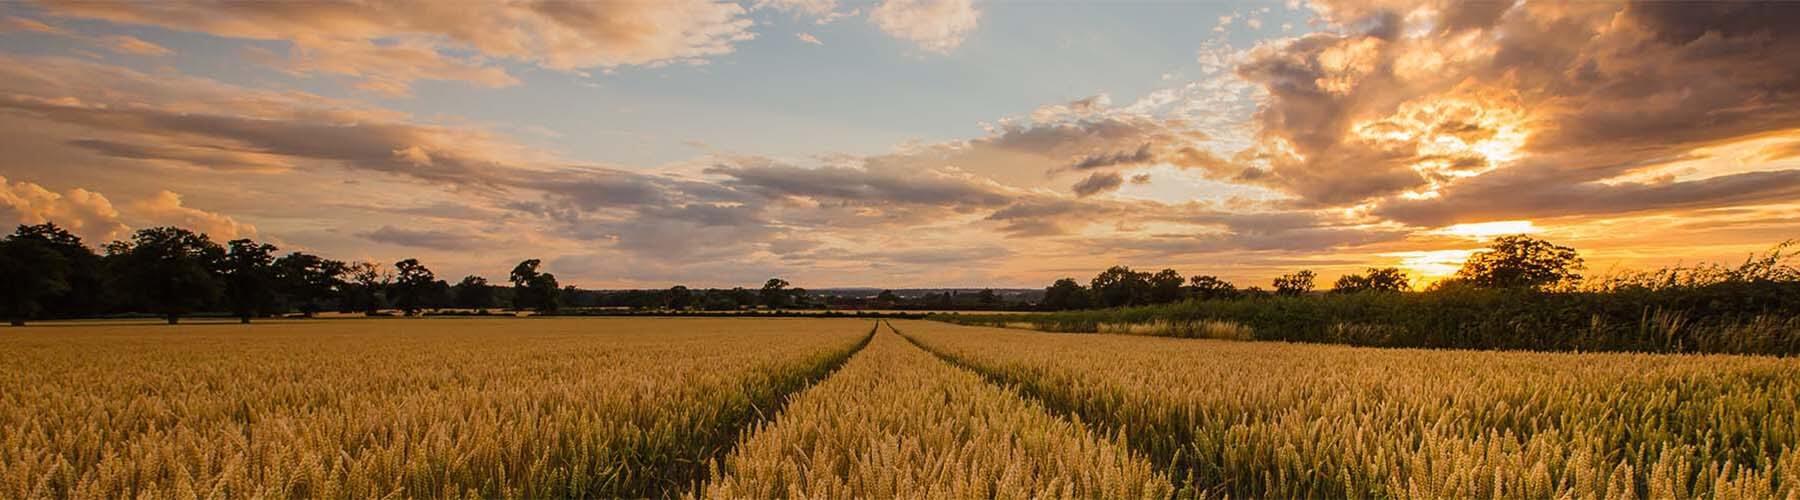 Un champ de blé au lever du soleil.